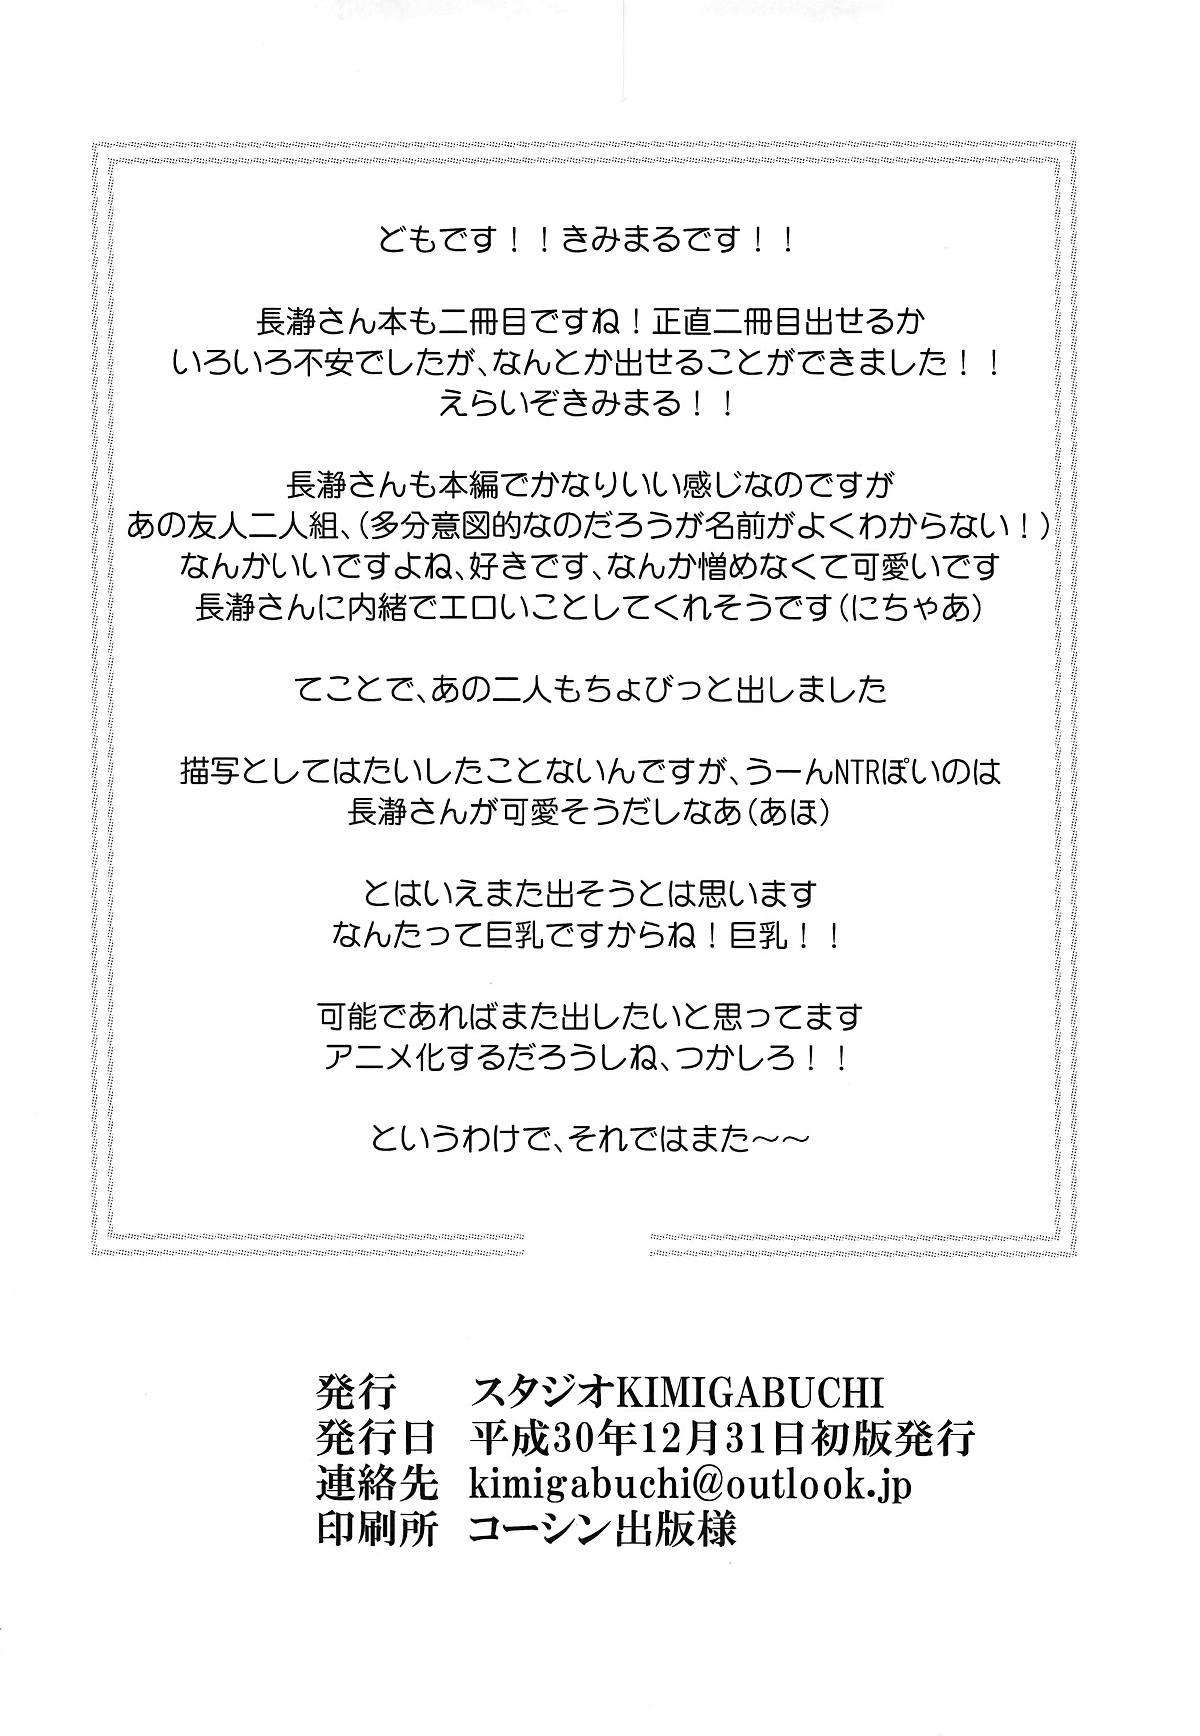 (C95) [Studio KIMIGABUCHI (Kimimaru)] Ijirimakutte, Nagatoro-san 2 | Don't play with me, Nagatoro-san 2 (Ijiranaide, Nagatoro-san) [English] [Naizuri | VenEttore] 20